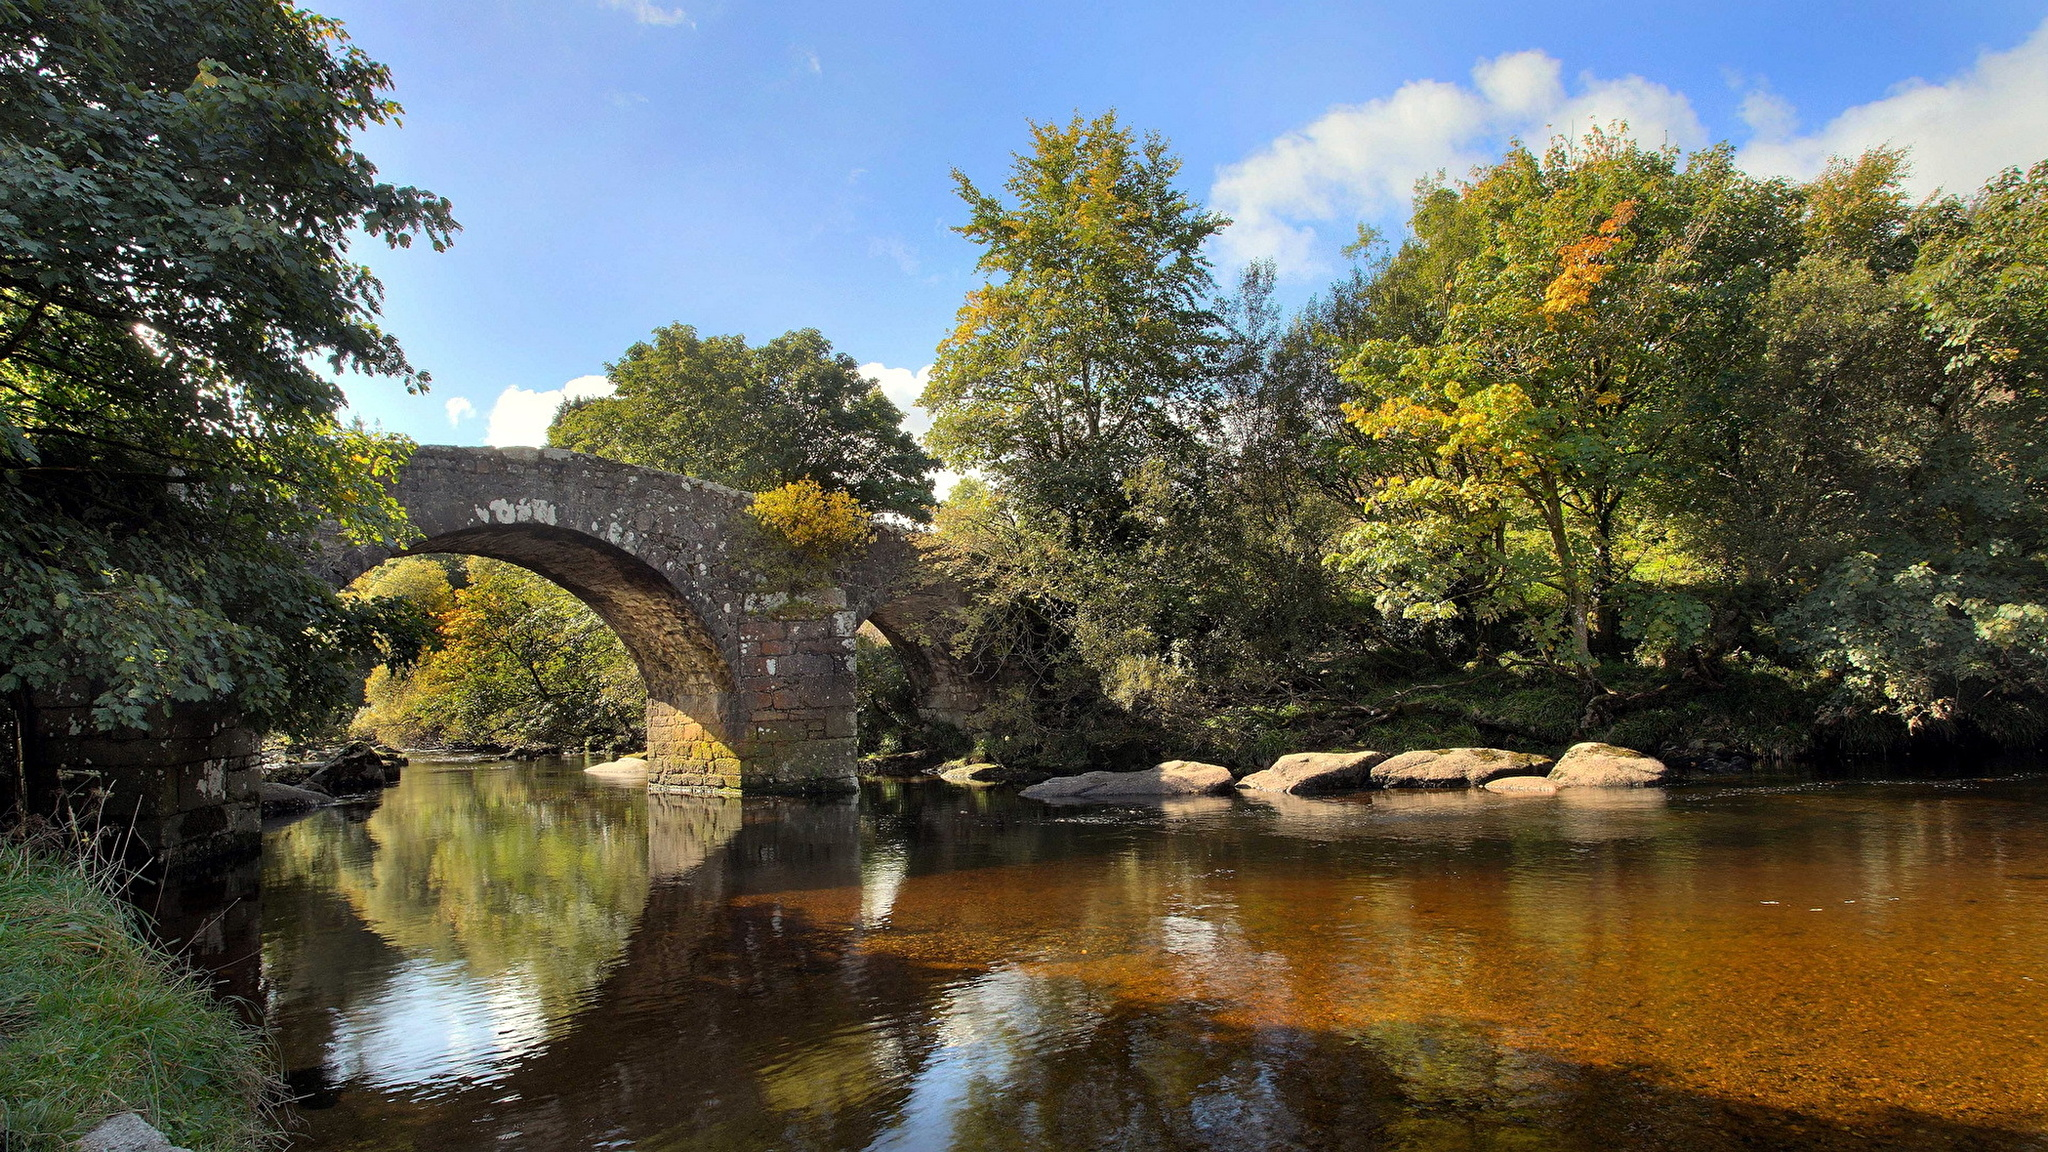 природа деревья река мост без регистрации